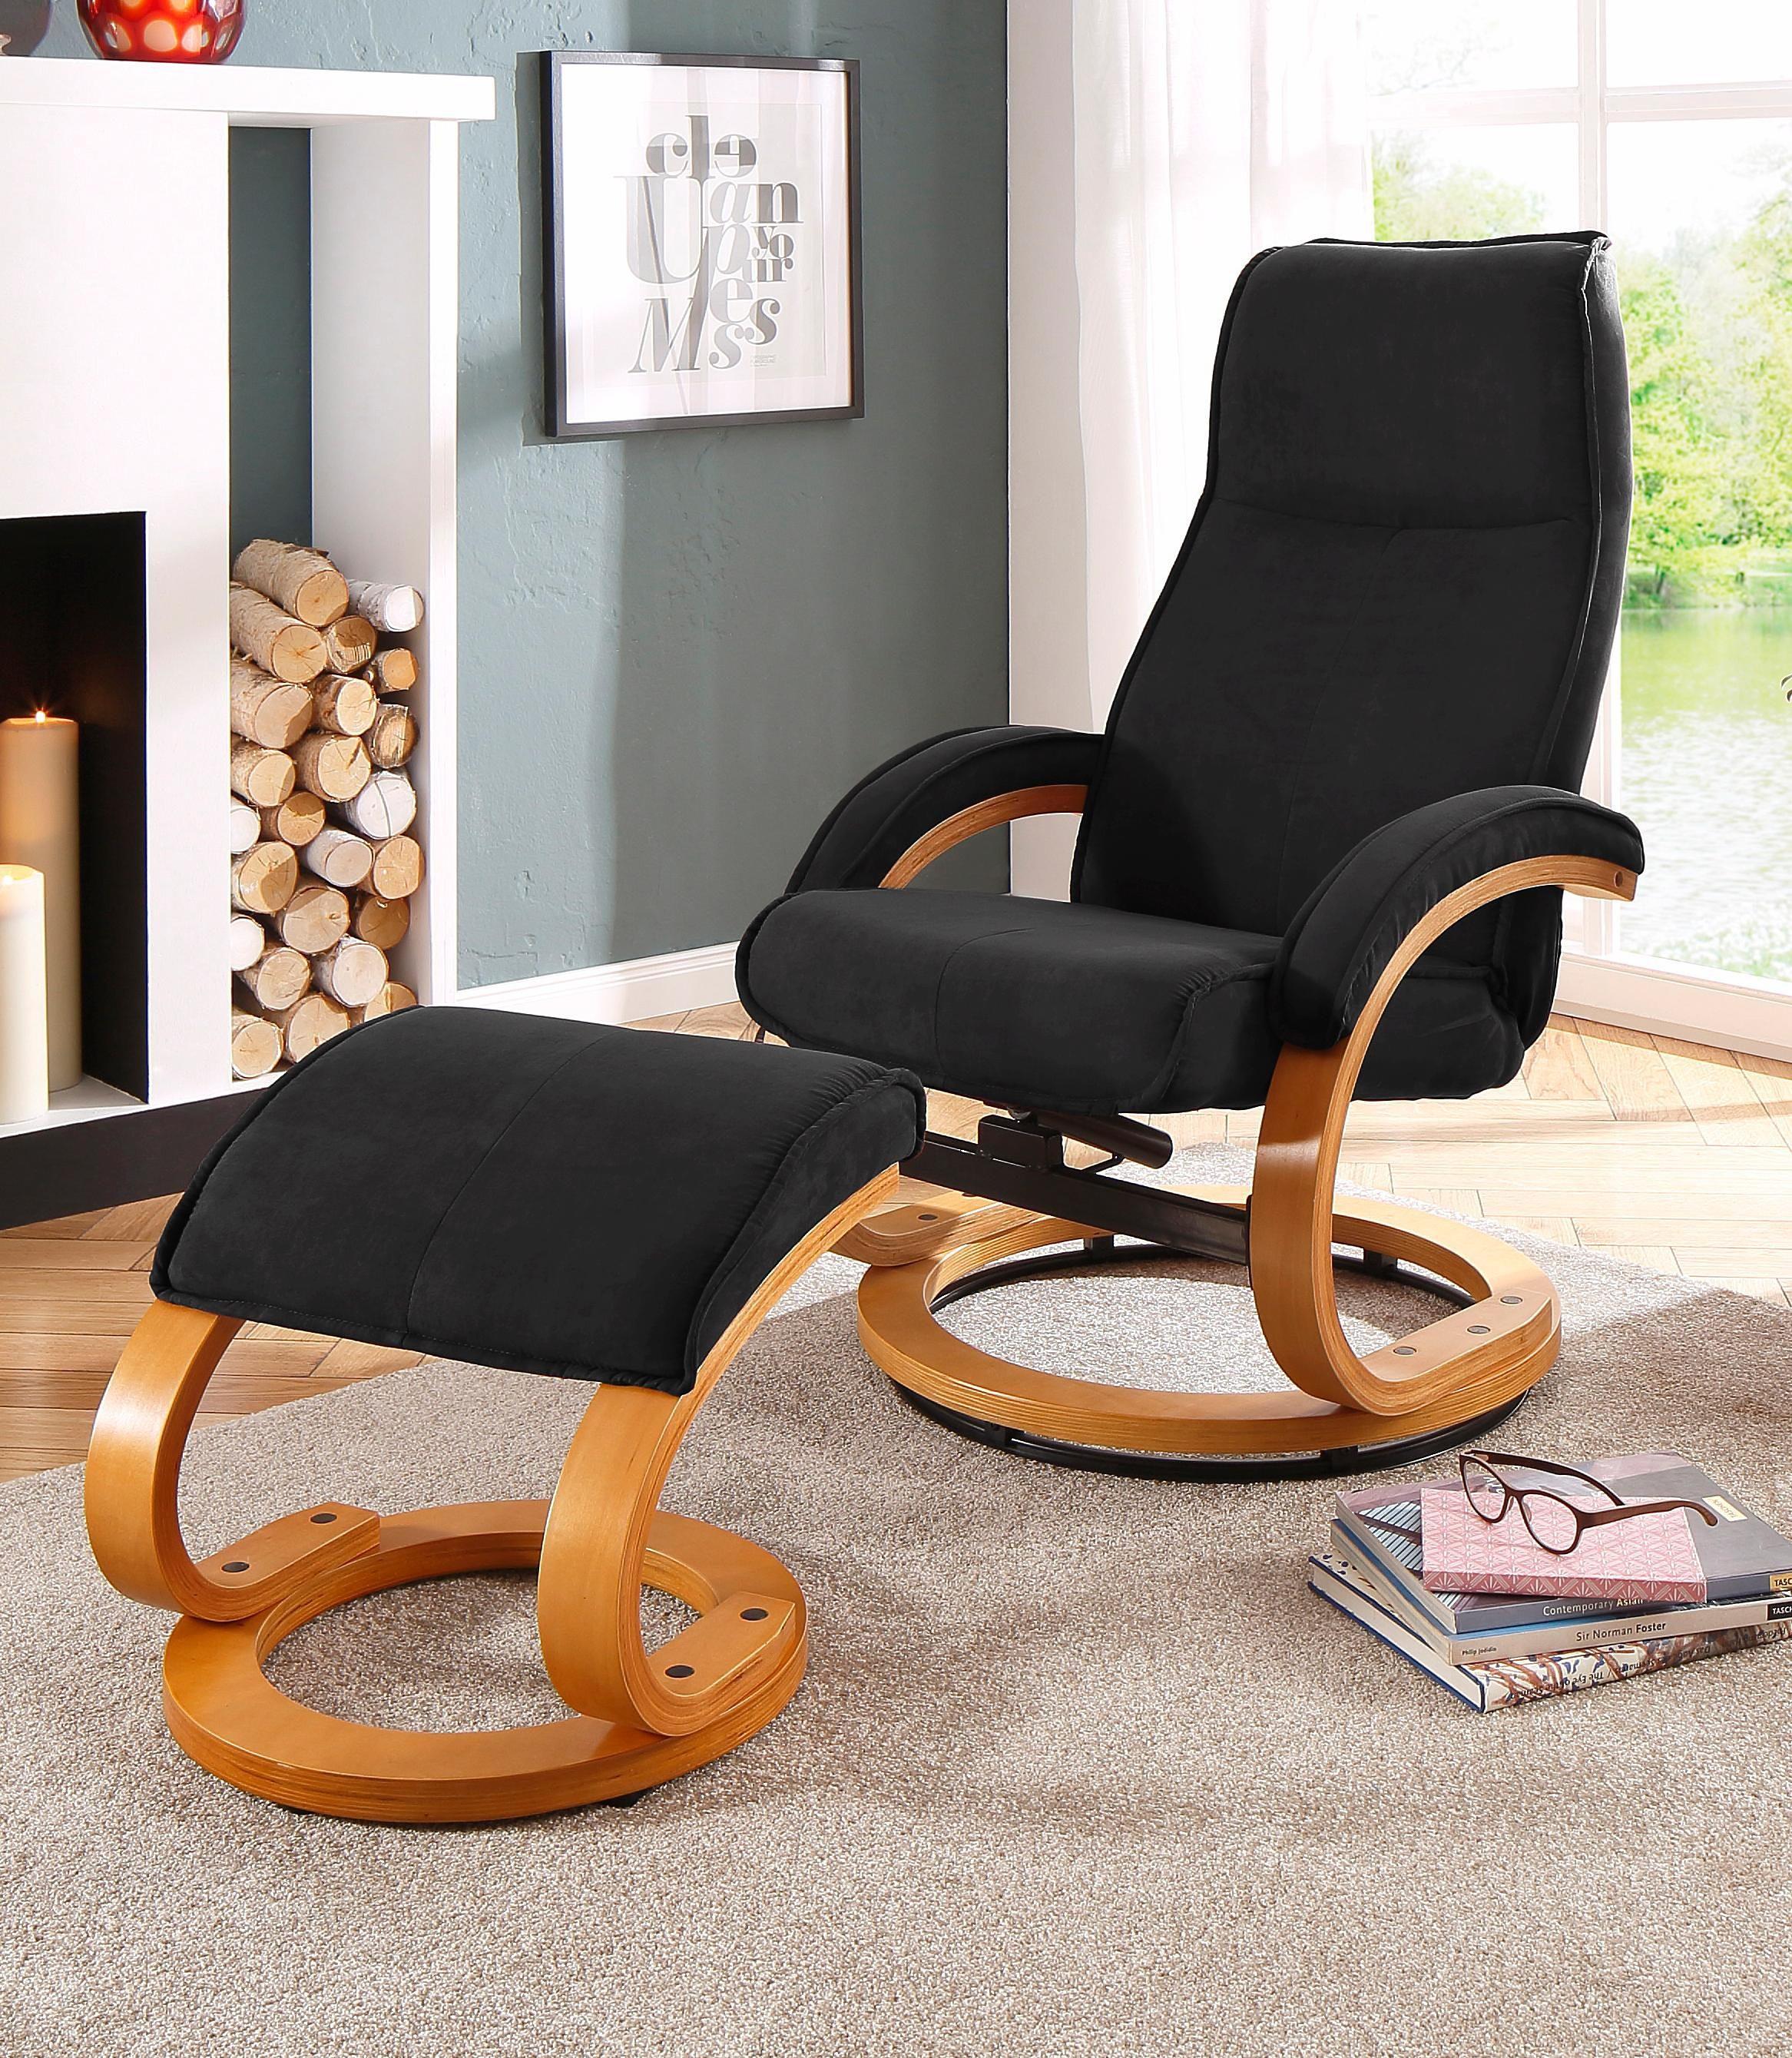 Home affaire Relaxsessel Paris (2-tlg bestehend aus Sessel und Hocker)